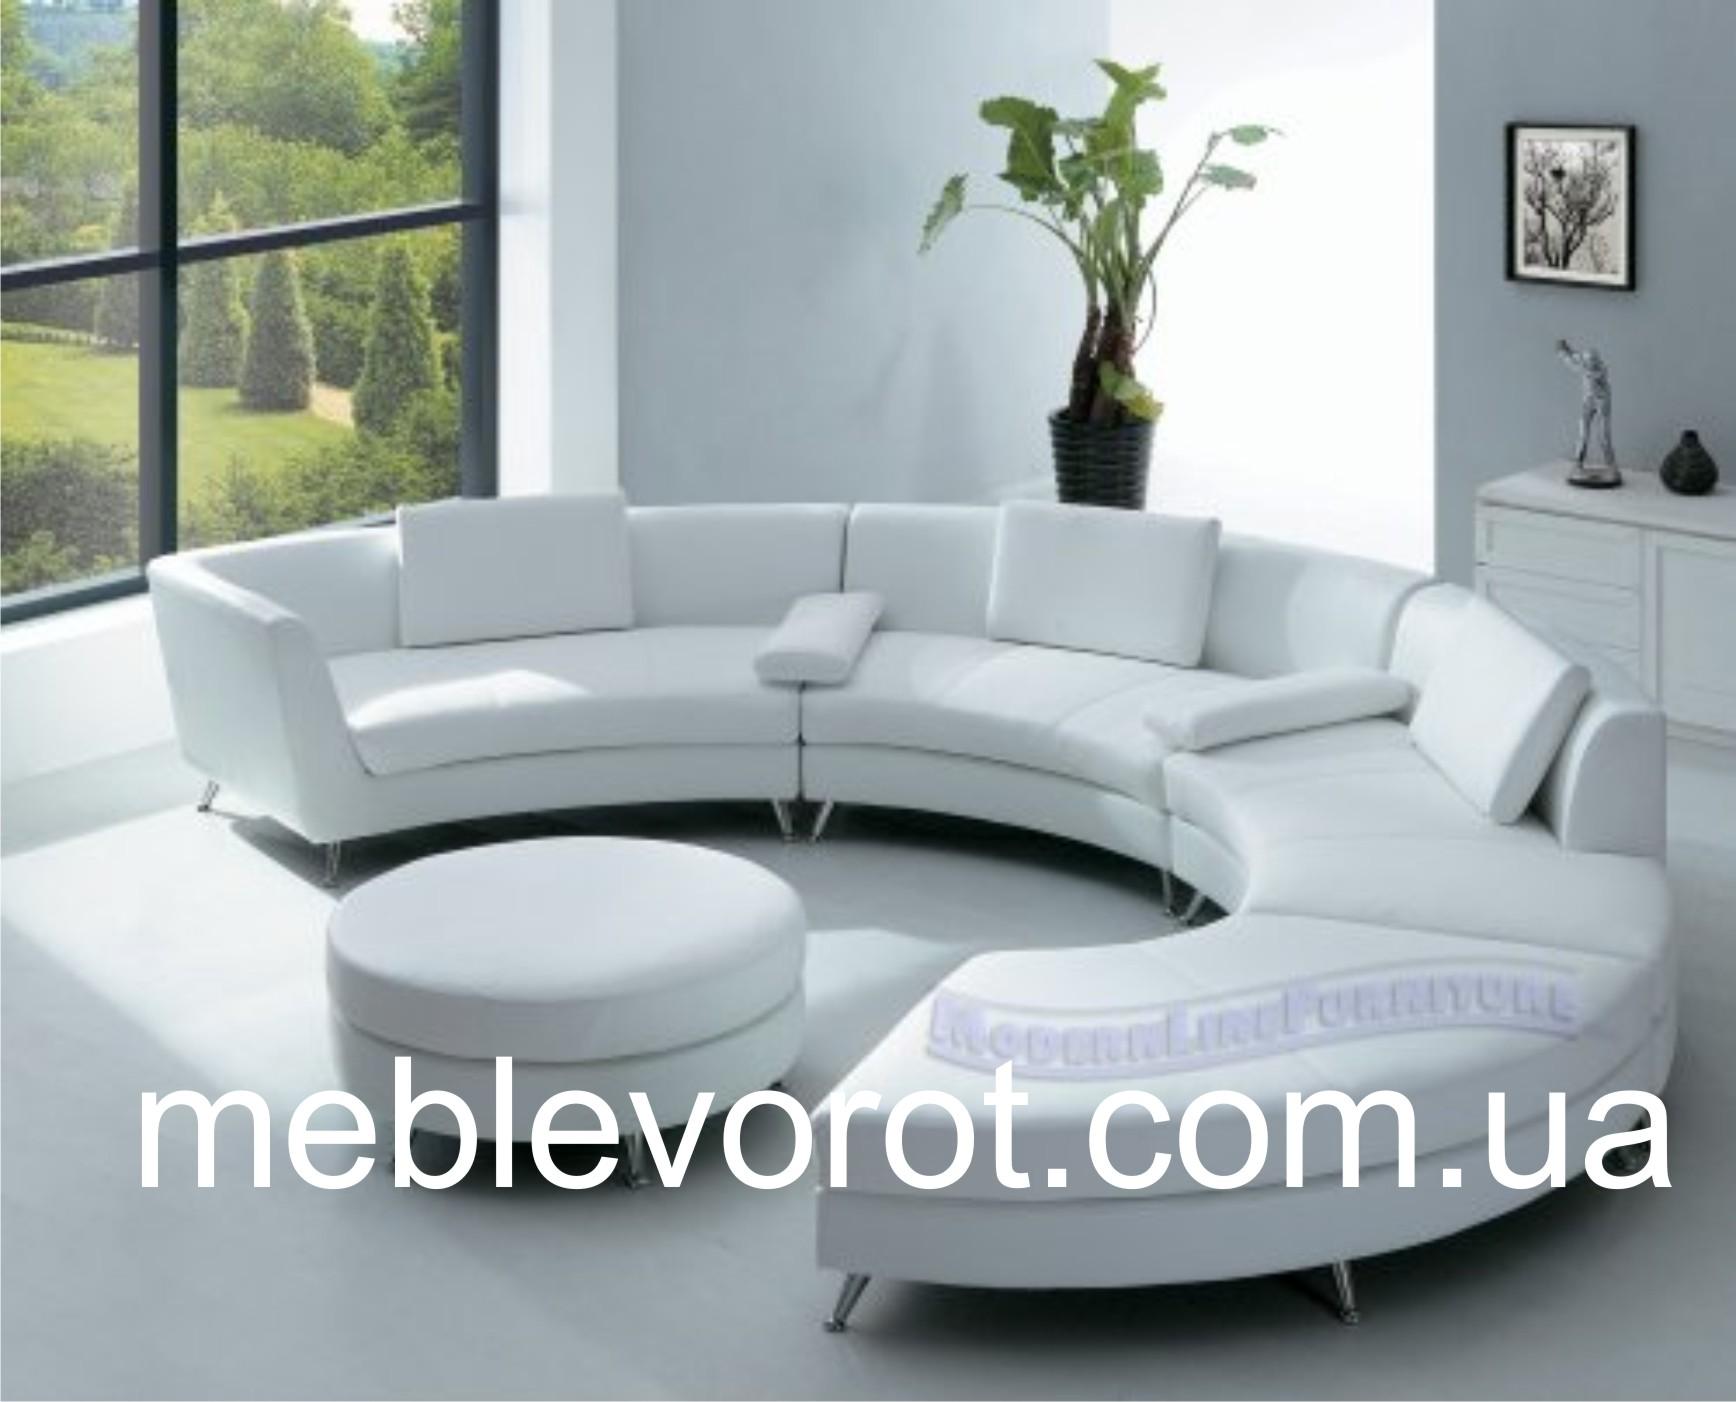 диван полукруглый Meblevorot Tm аренда любой мебели в киеве